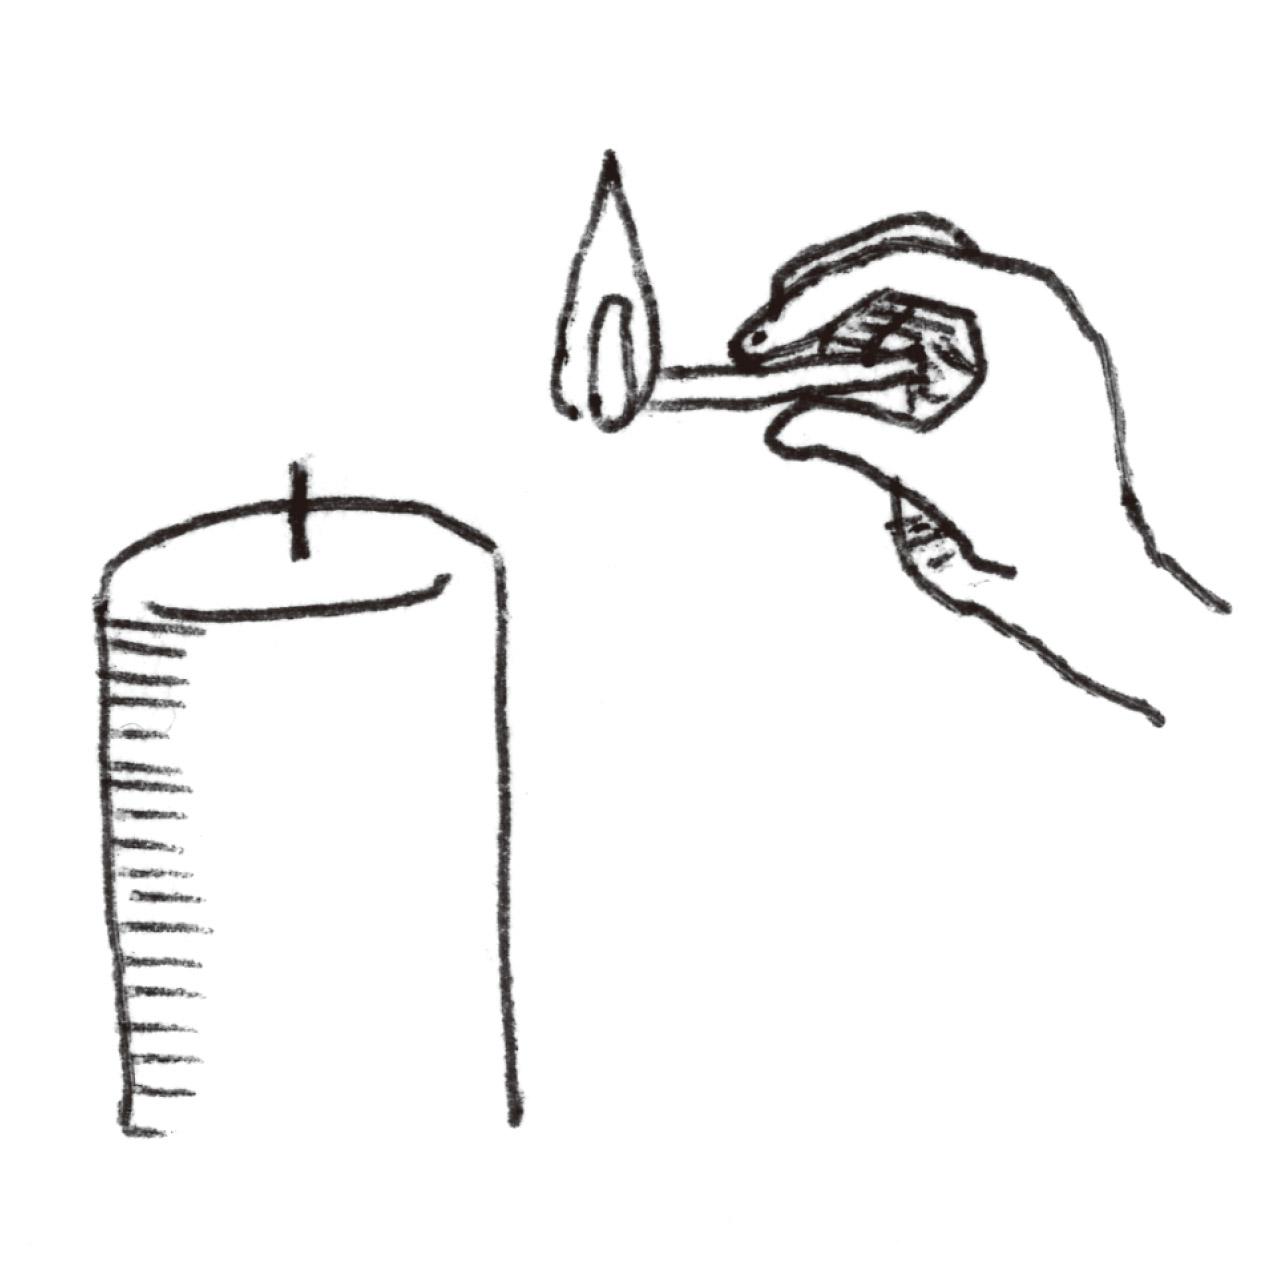 キャンドルの使い方画像